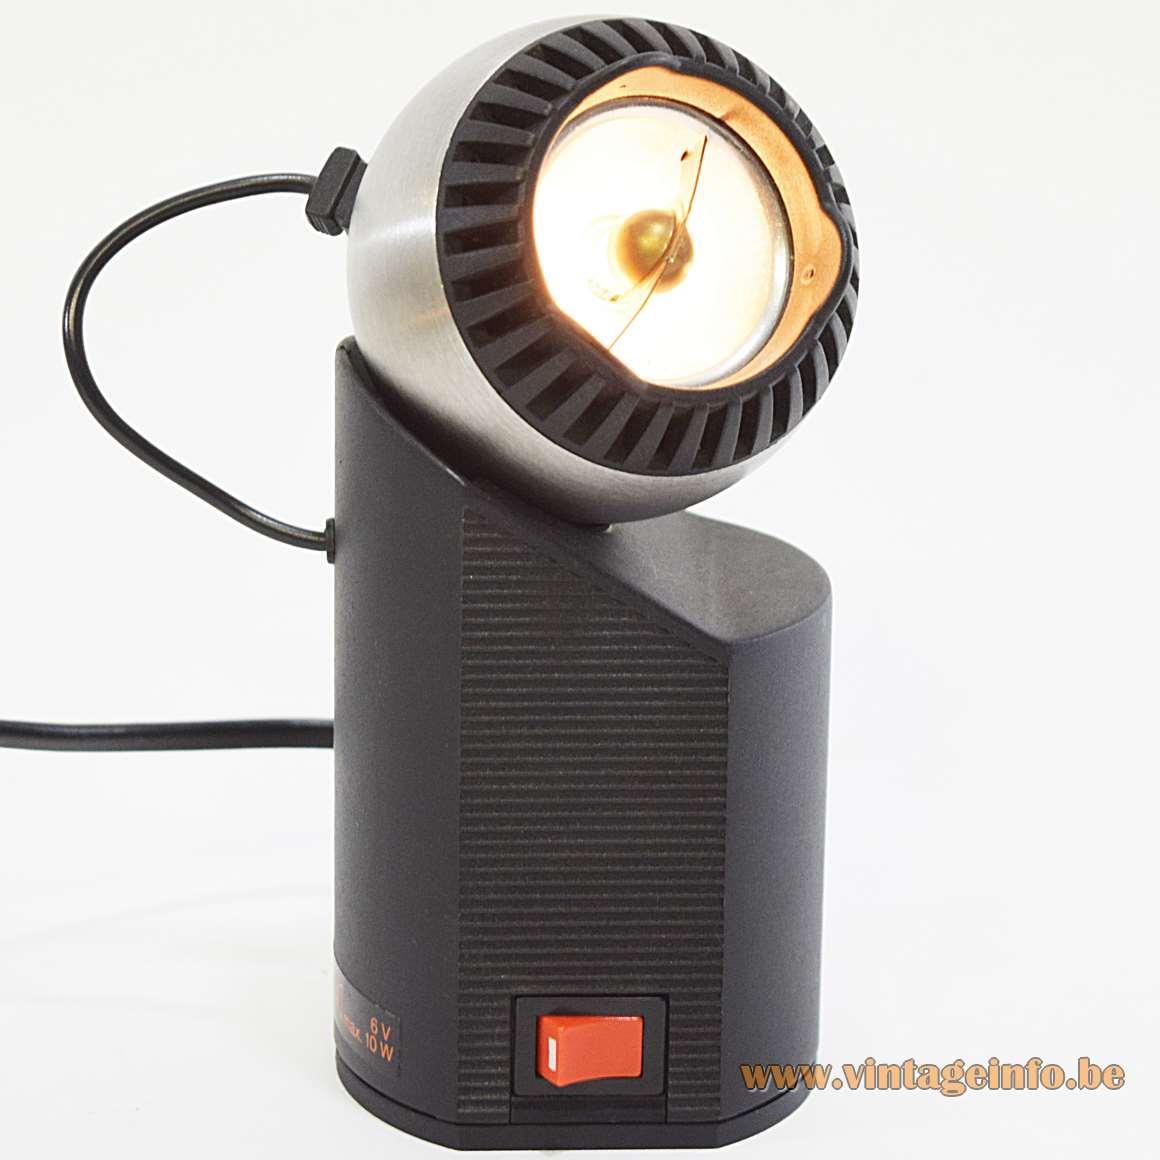 Light 1 - Osram Minispot 10 W 41401 - 1982 - Dieter Witte